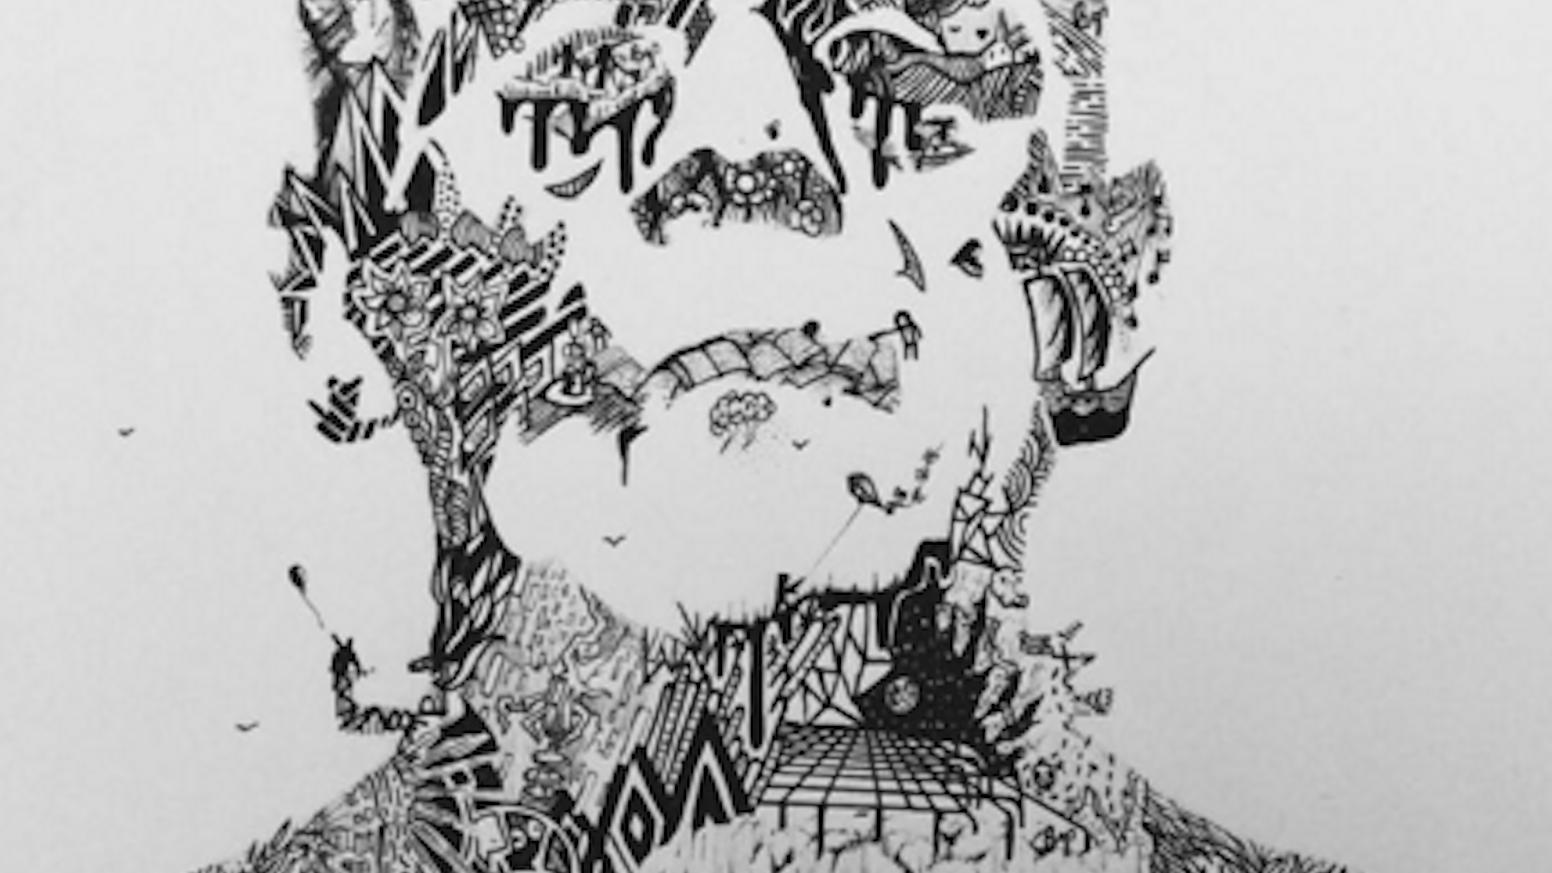 Tattoo Artist By Oscar Mitchell Heggs Kickstarter